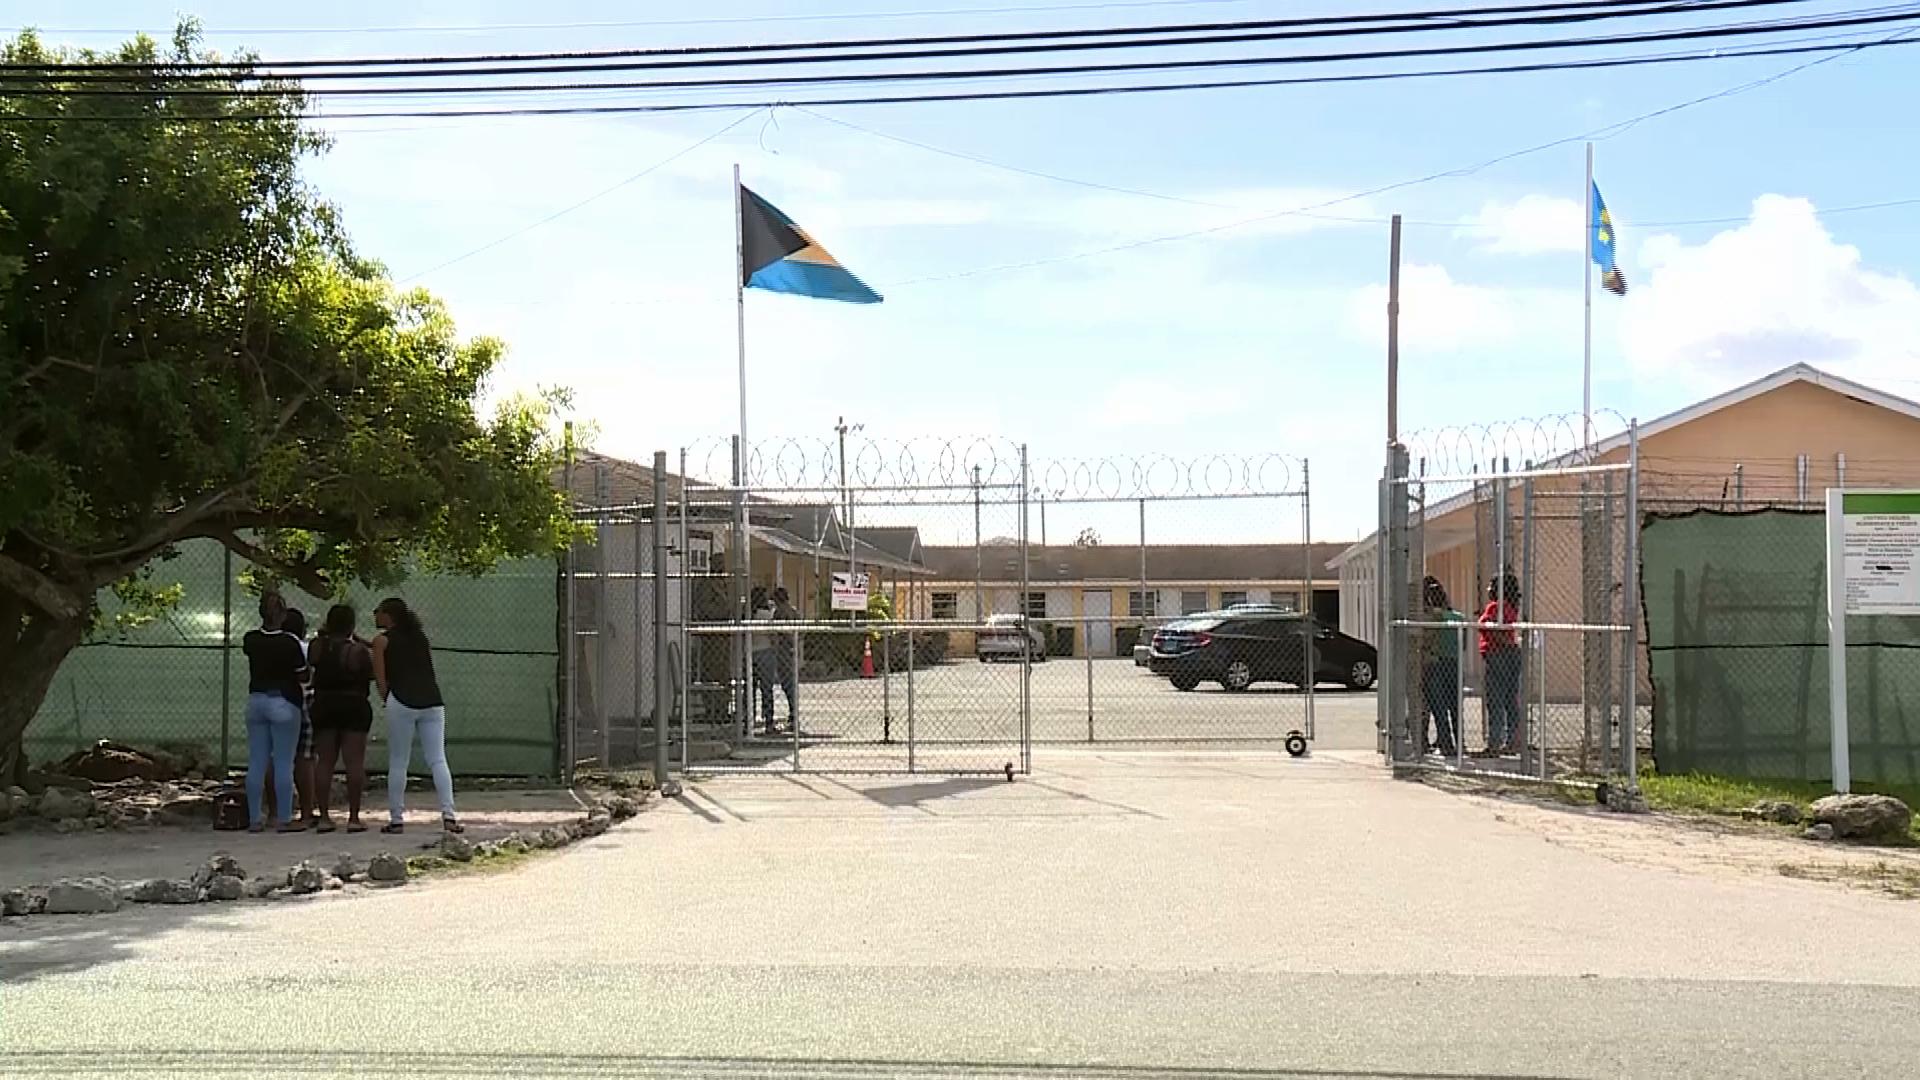 46 illegals deported, 2 imprisoned